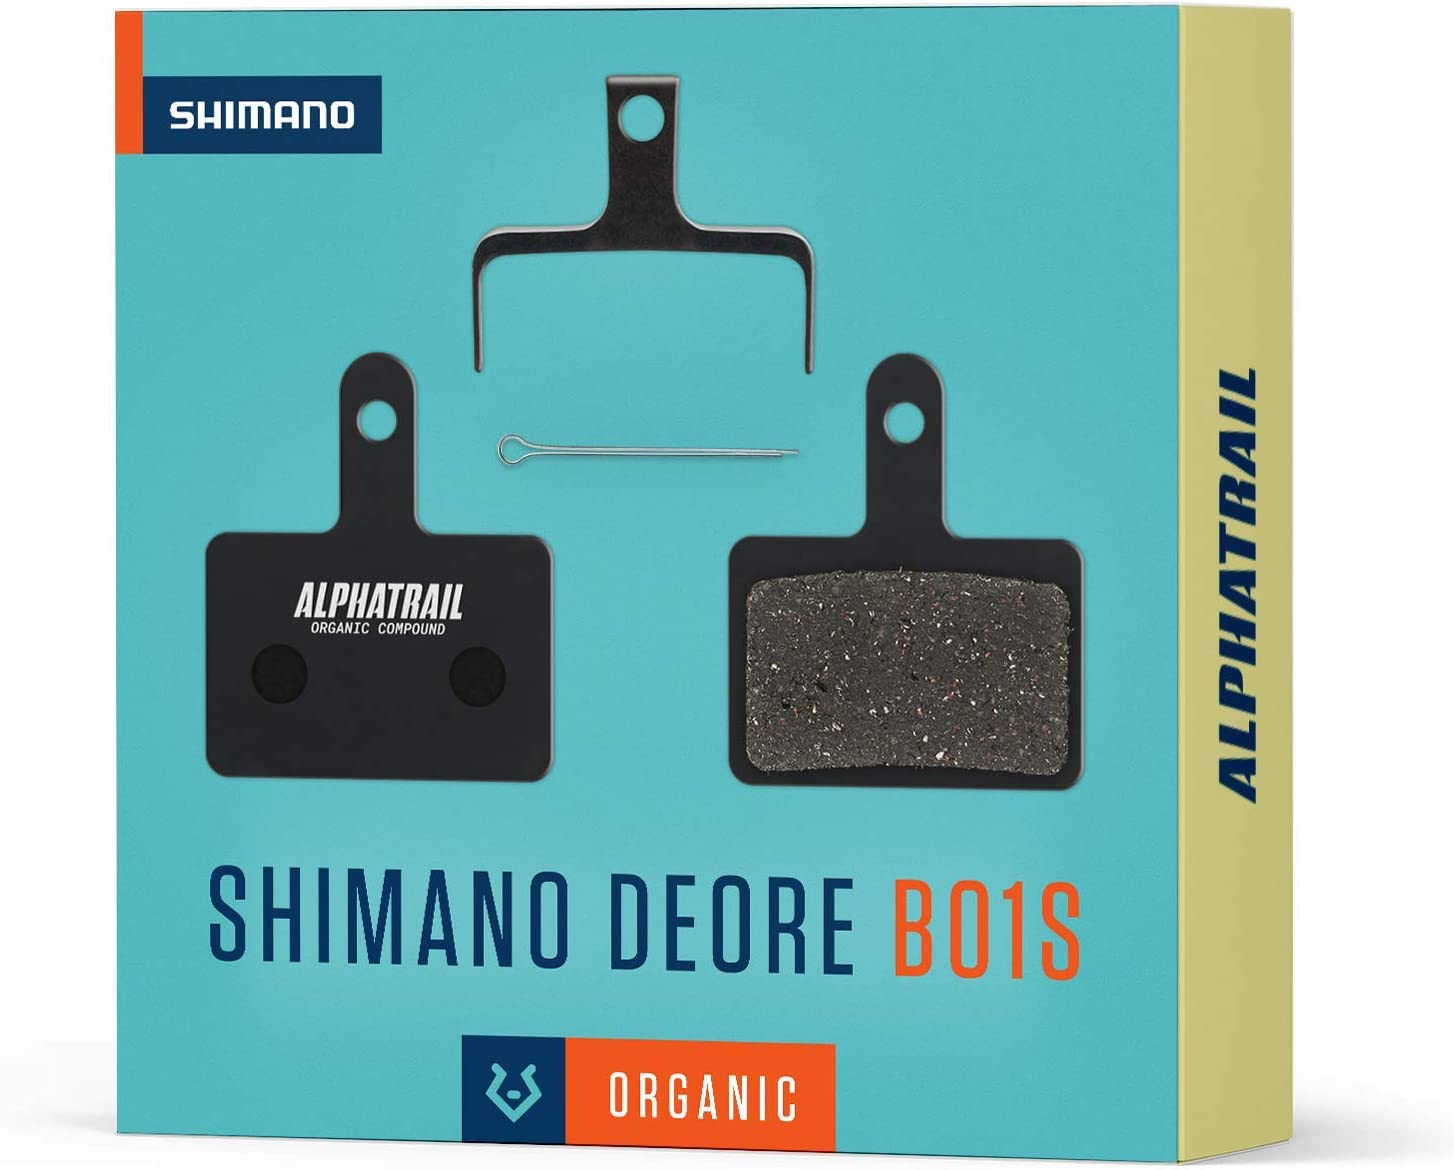 Shimano B01S I Organique /& Fritt/é VTT Plaquette de Frein avec Un Kilom/étrage /élev/é I 100/% Parfait pour Shimano Deore LX Alivio Acera Tourney Nexave Alphatrail Plaquettes de Frein